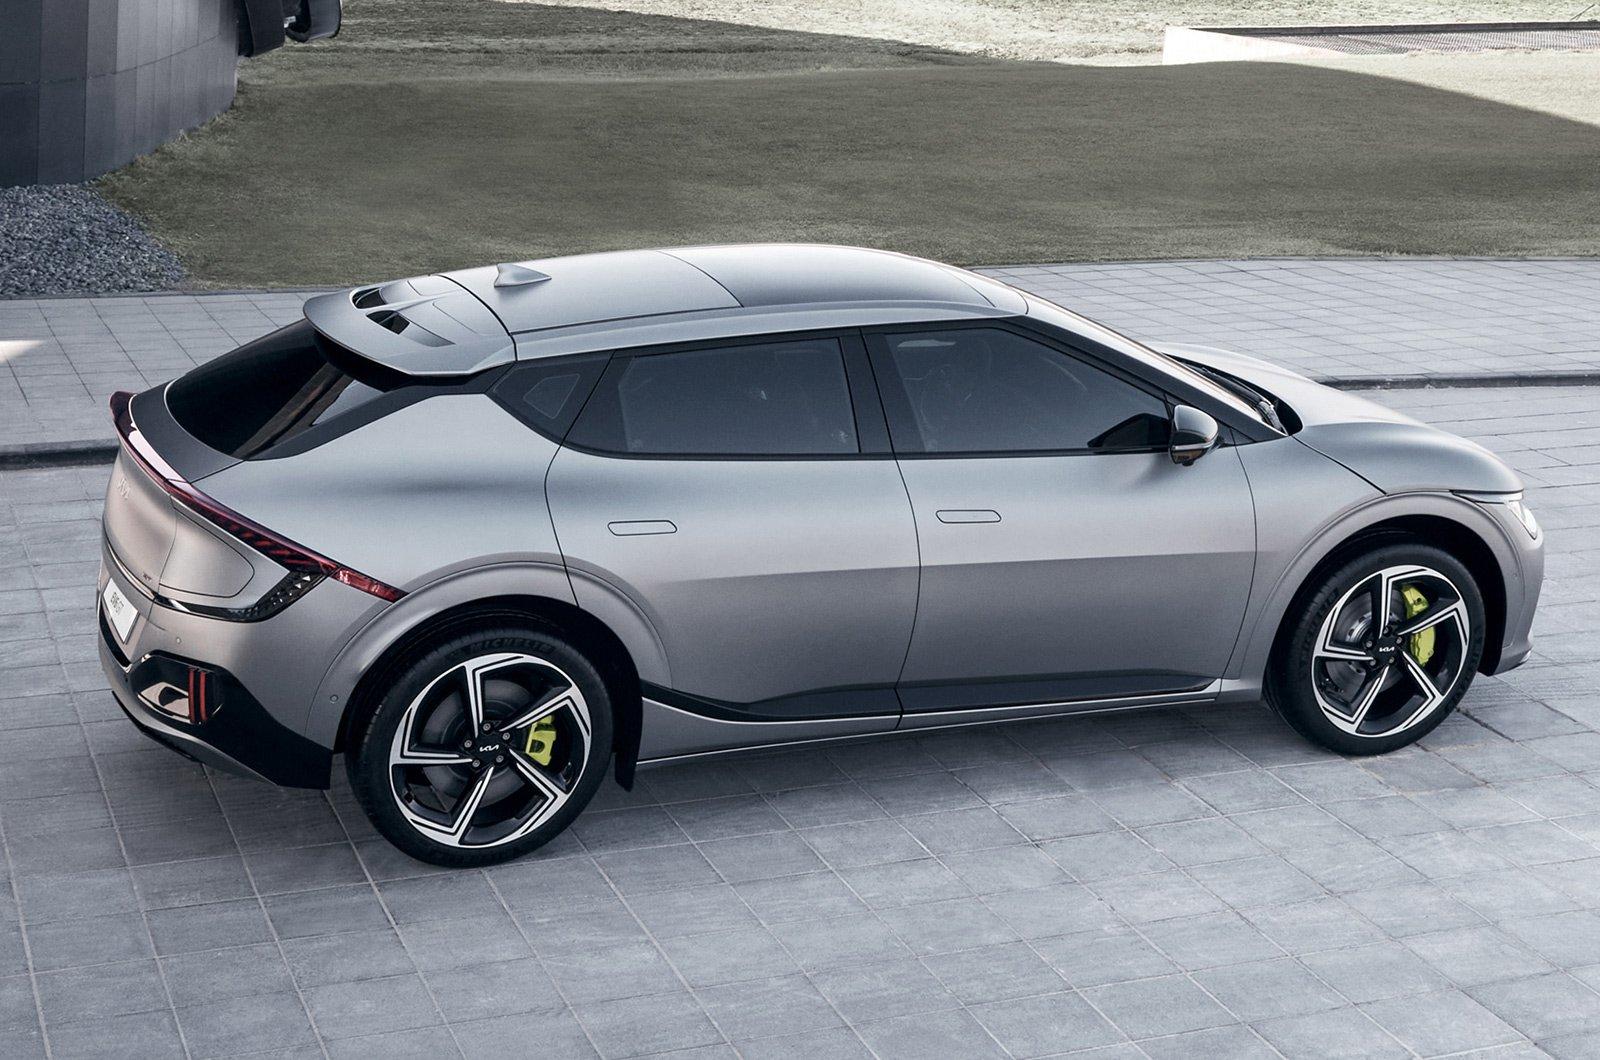 2021 Kia EV6 rear